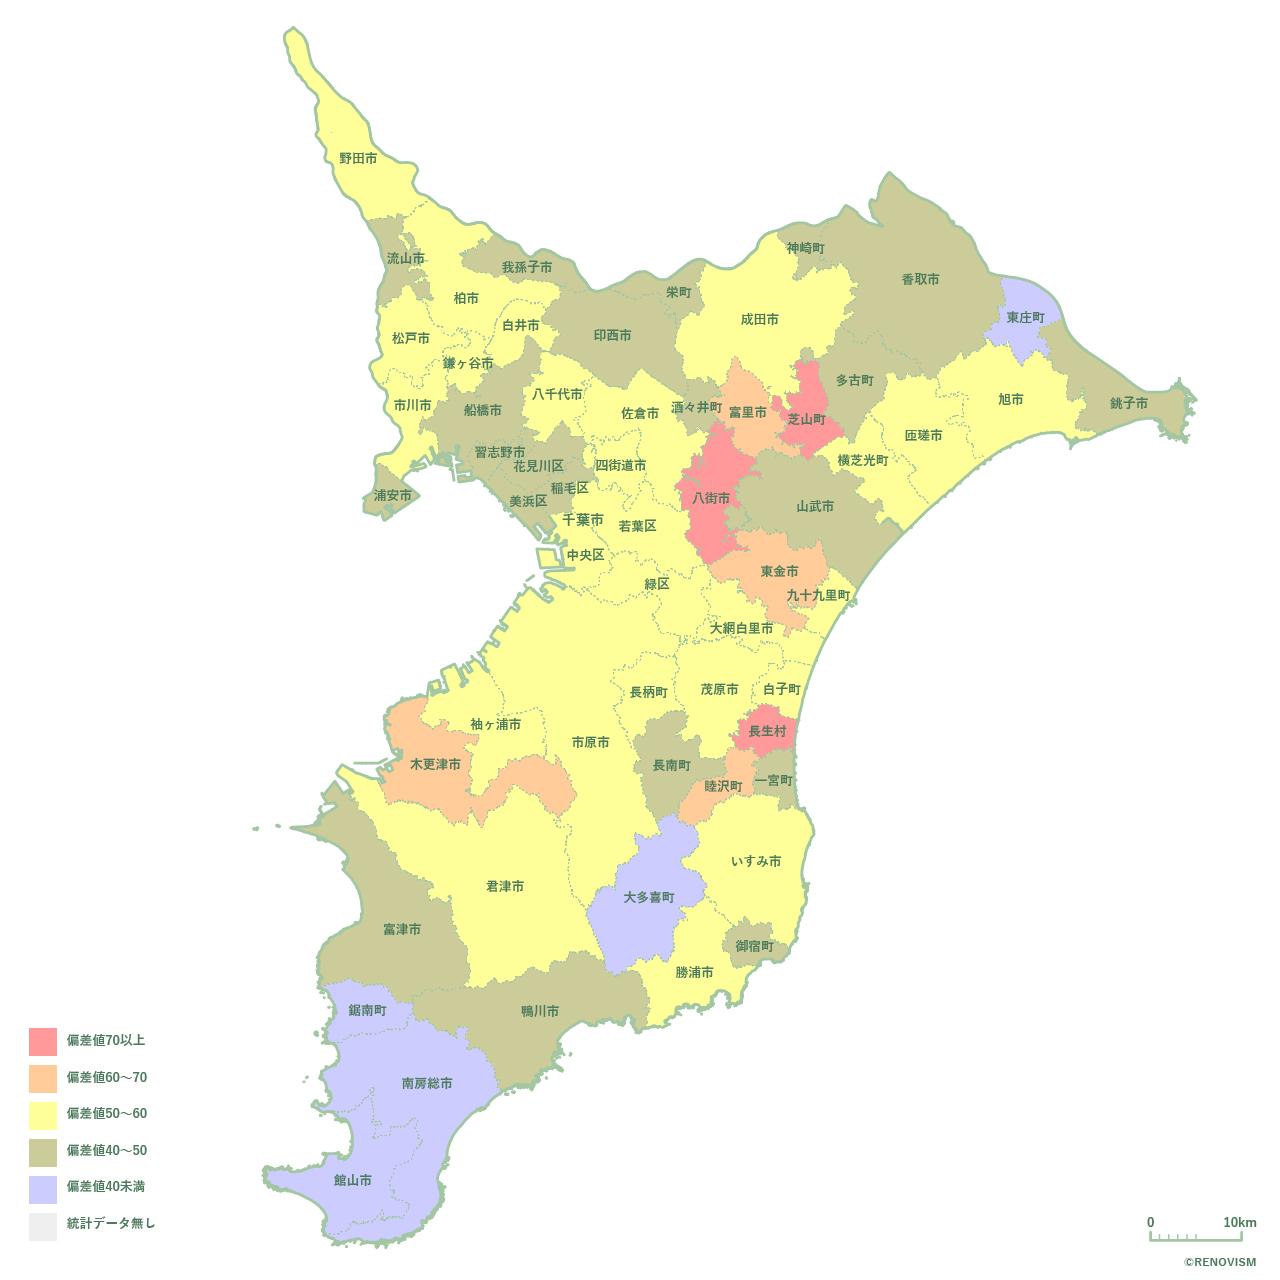 59地域県別【離婚率マップ】千葉県編 2020年